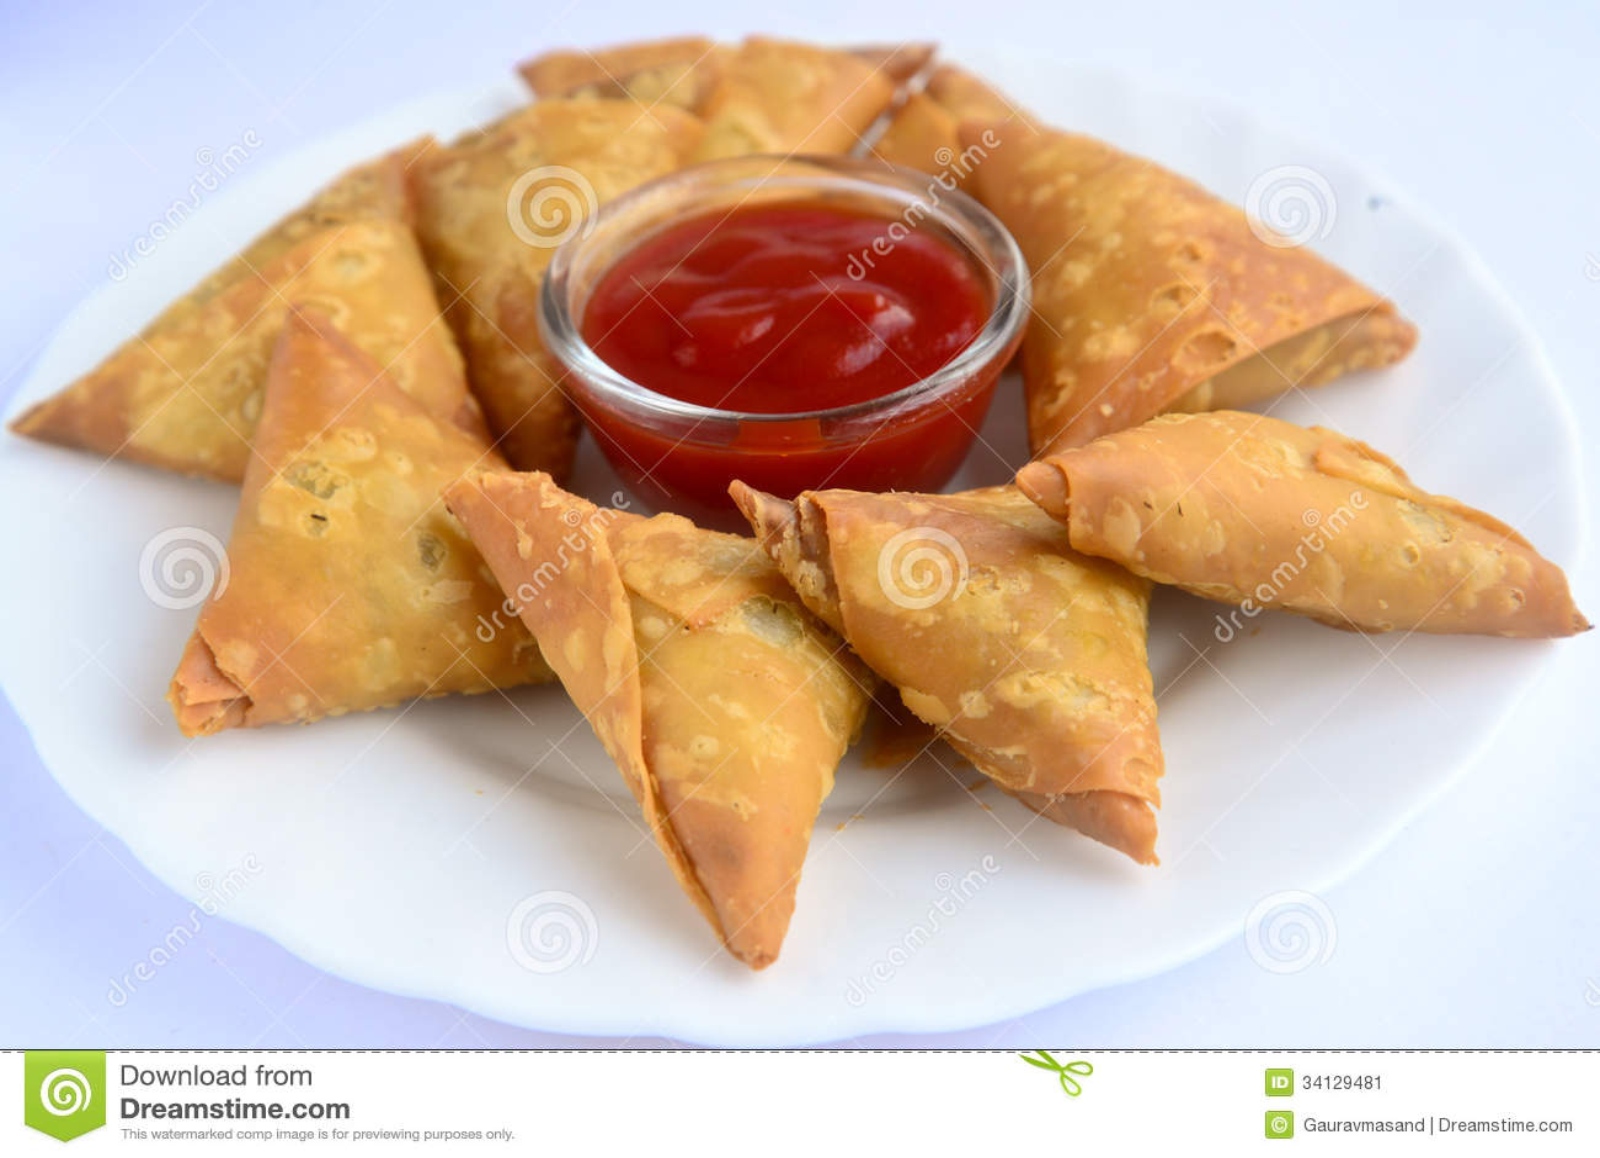 our menu meat samosa samosa chaat istock barey bhi aur bachay bhi sab ...